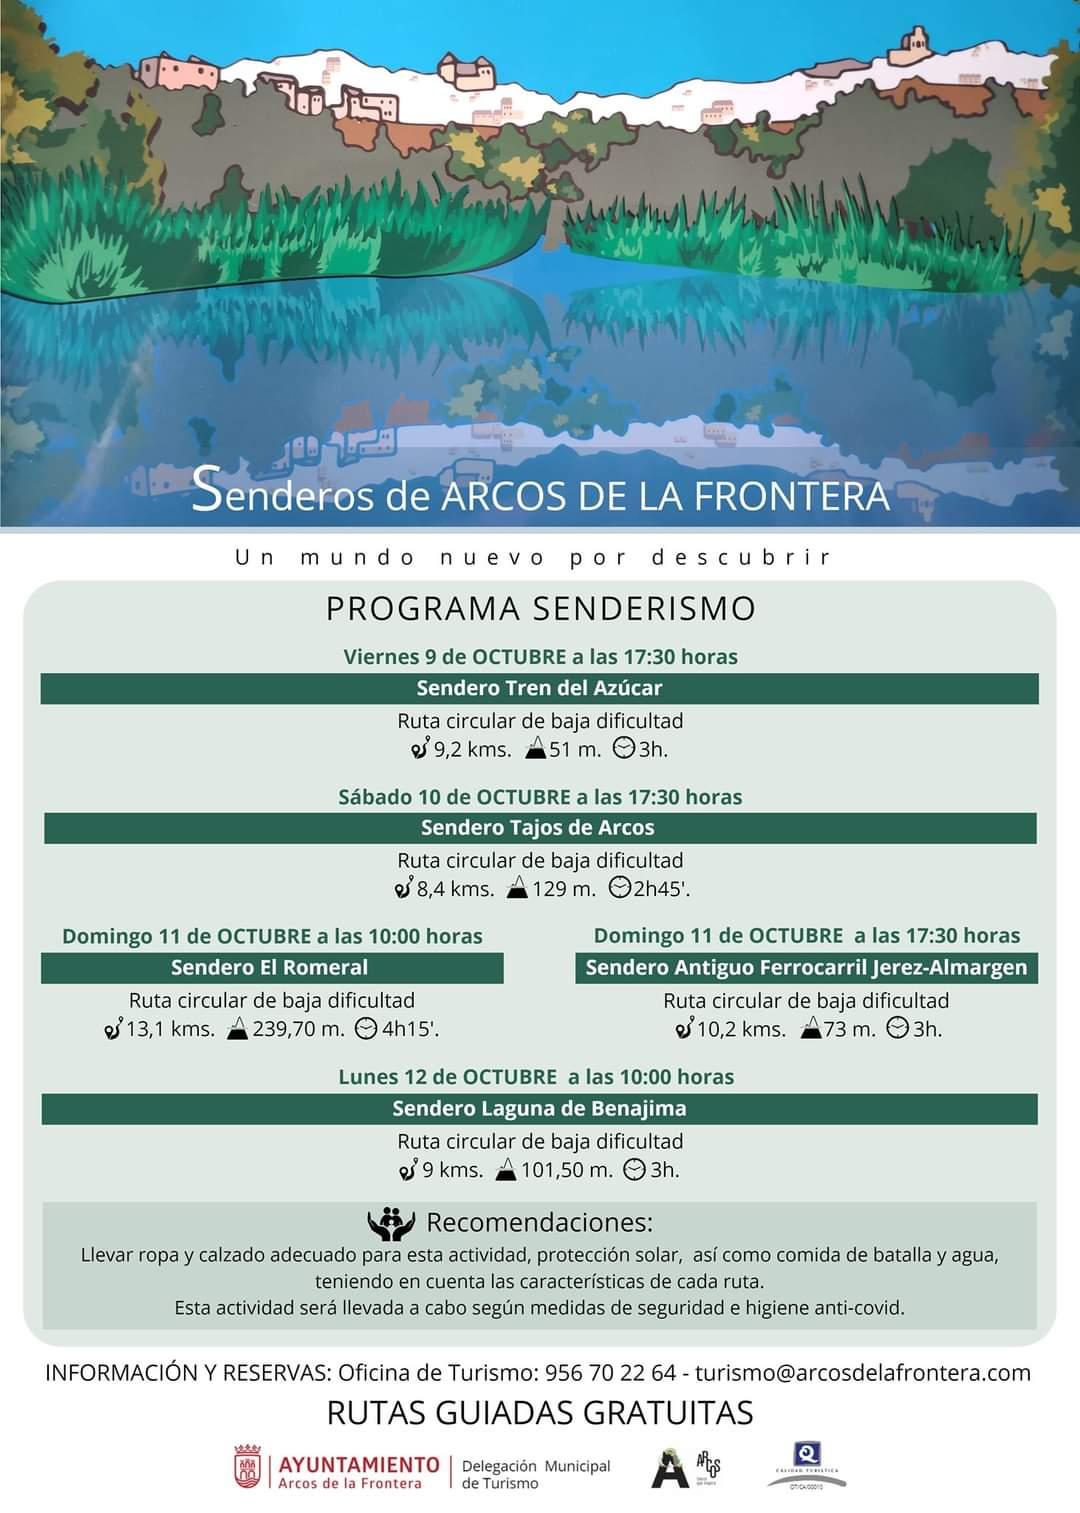 Rutas guiadas gratuitas Arcos puente del pilar 2020